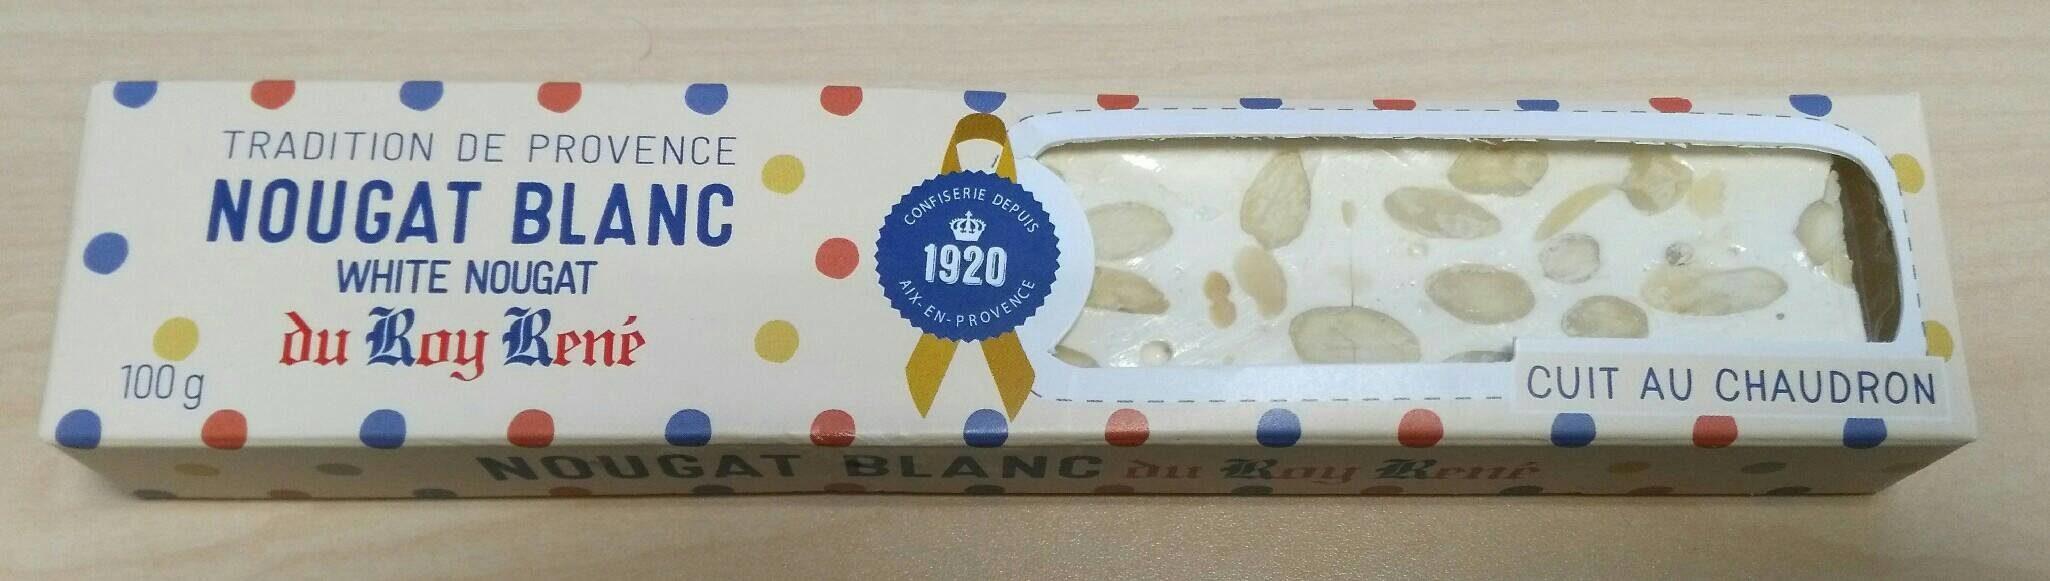 Nougat blanc du Roy René - Produit - fr